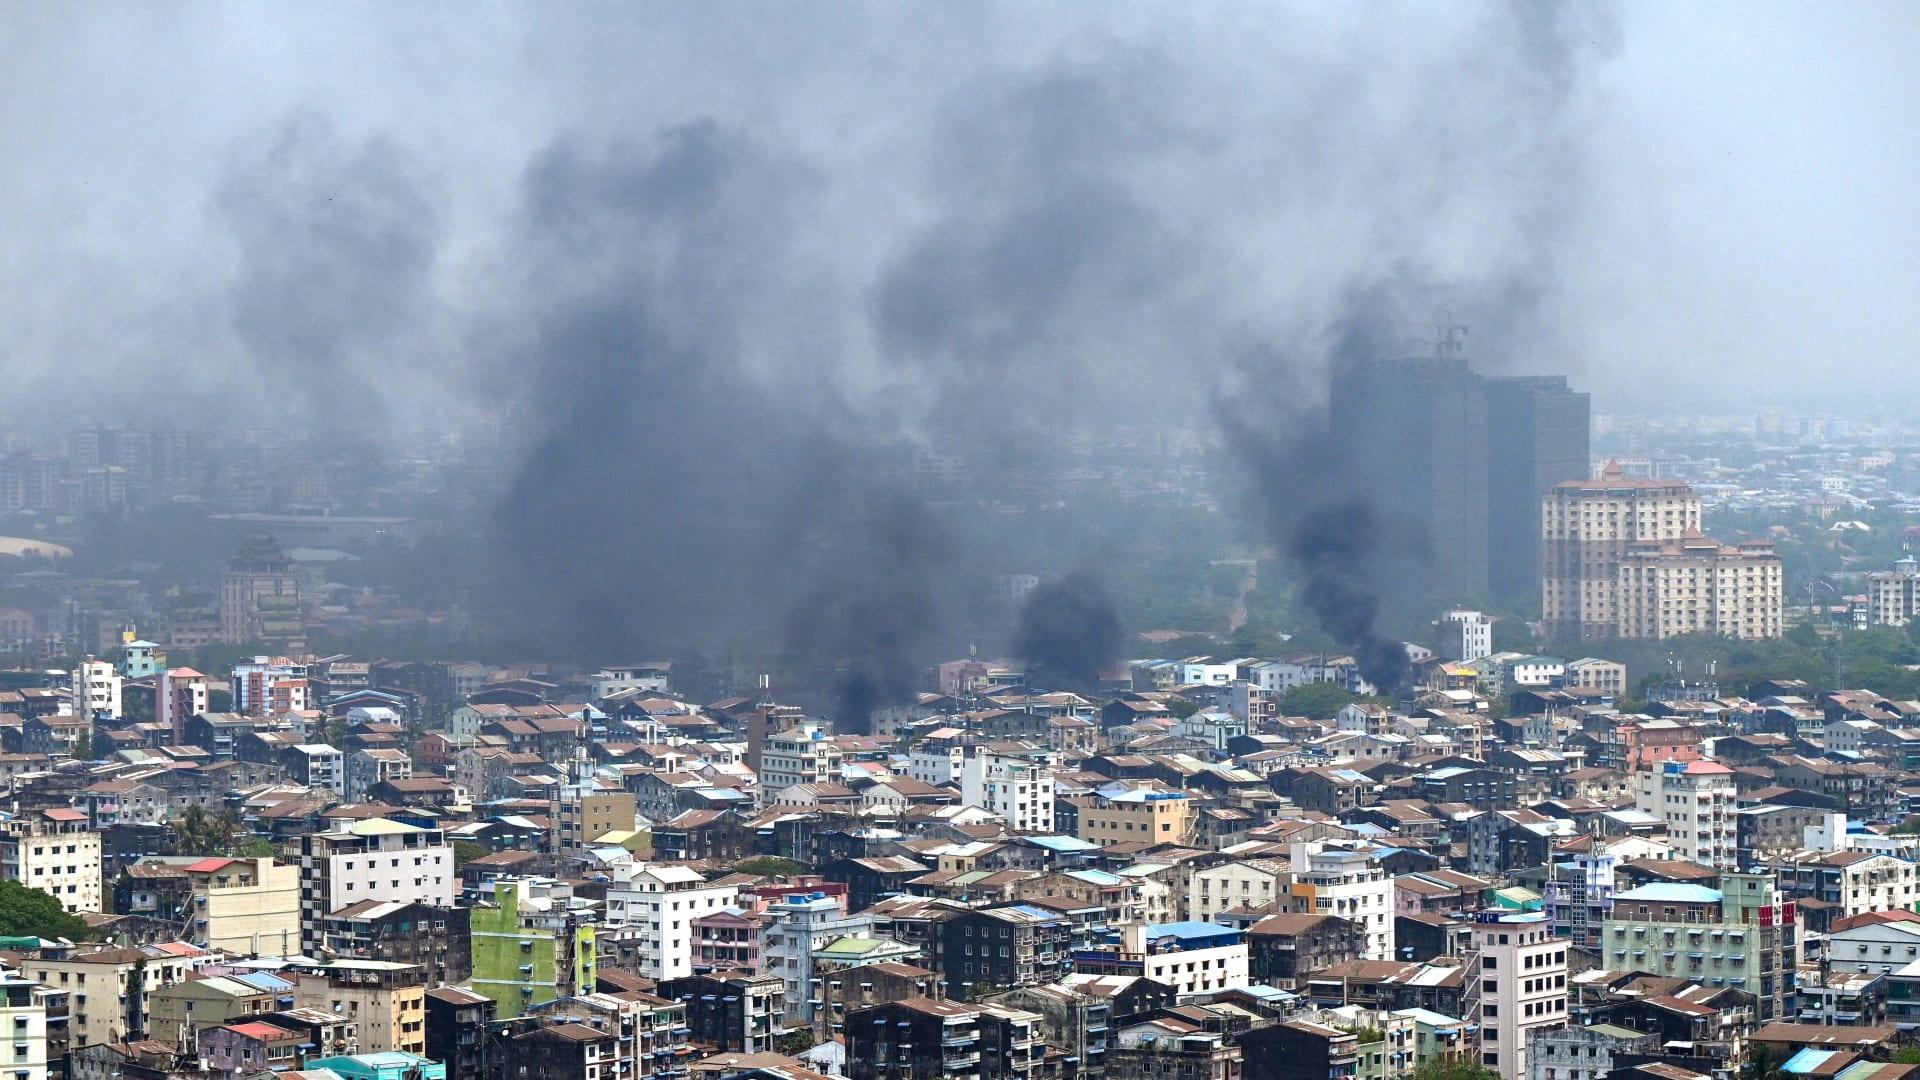 مقتل 91 شخصًا في ميانمار السبت في أحد أكثر الأيام دموية منذ بدء الاحتجاجات